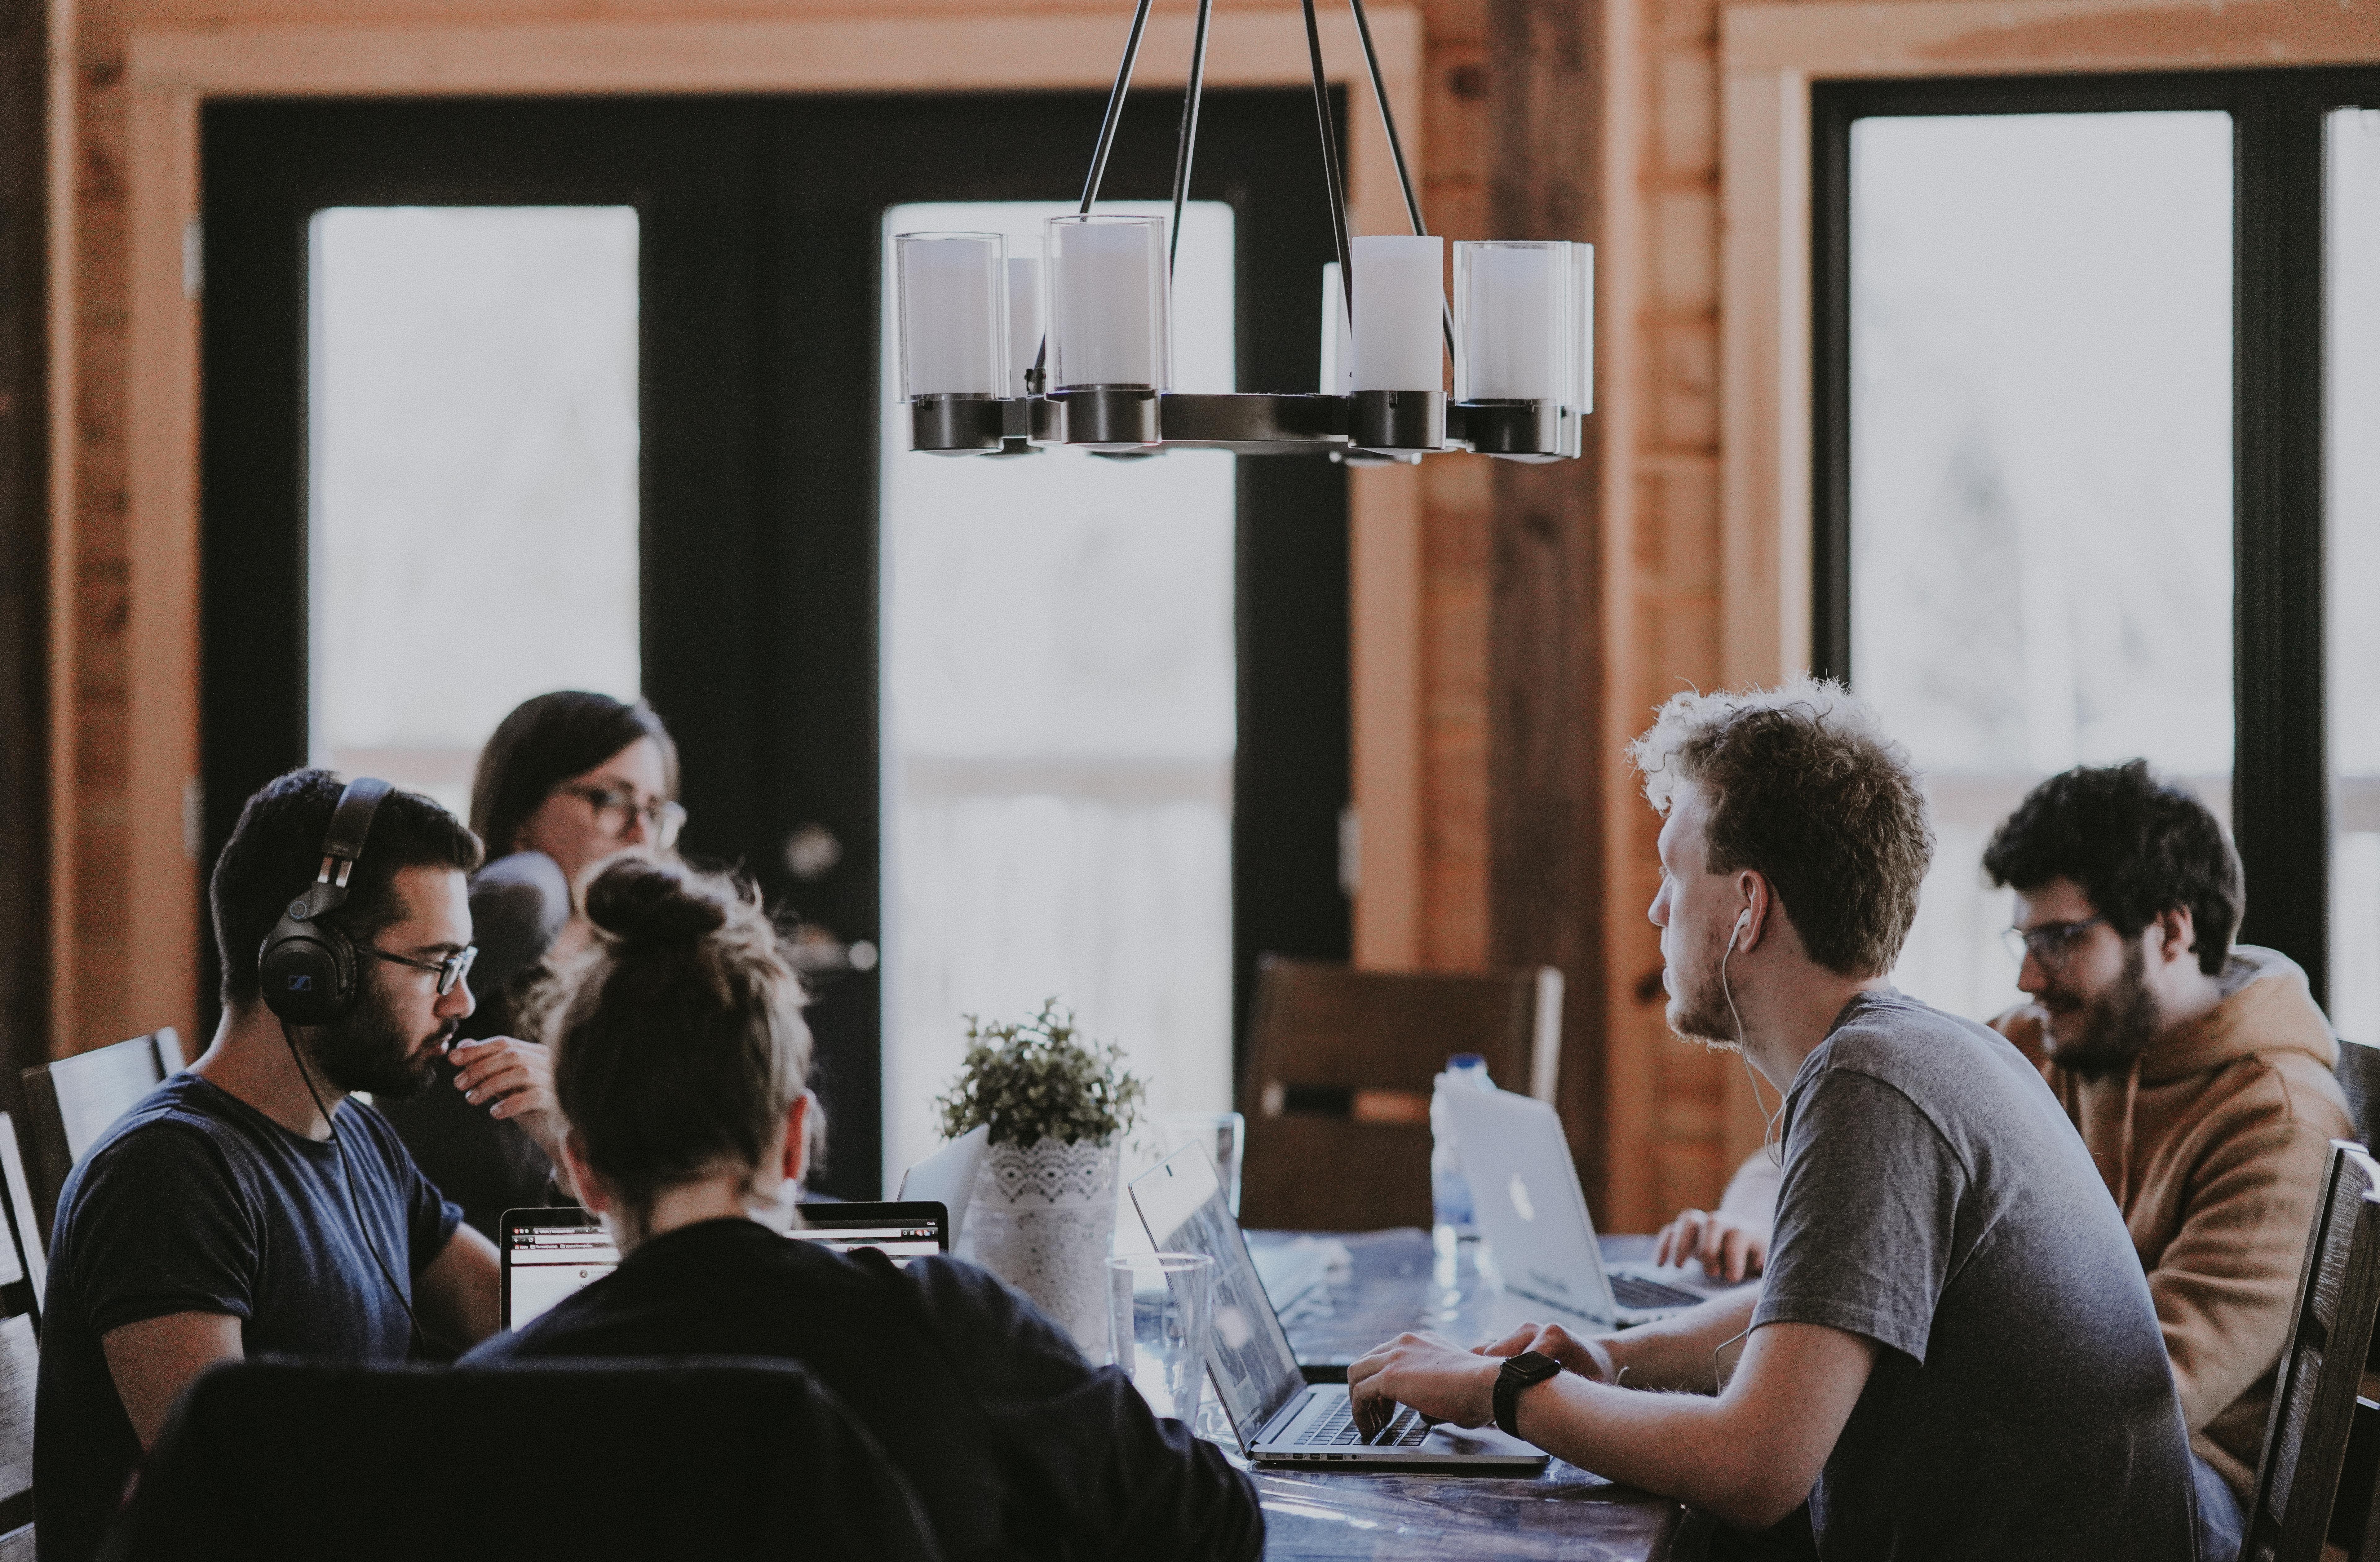 Engajamento no trabalho crescimento startup